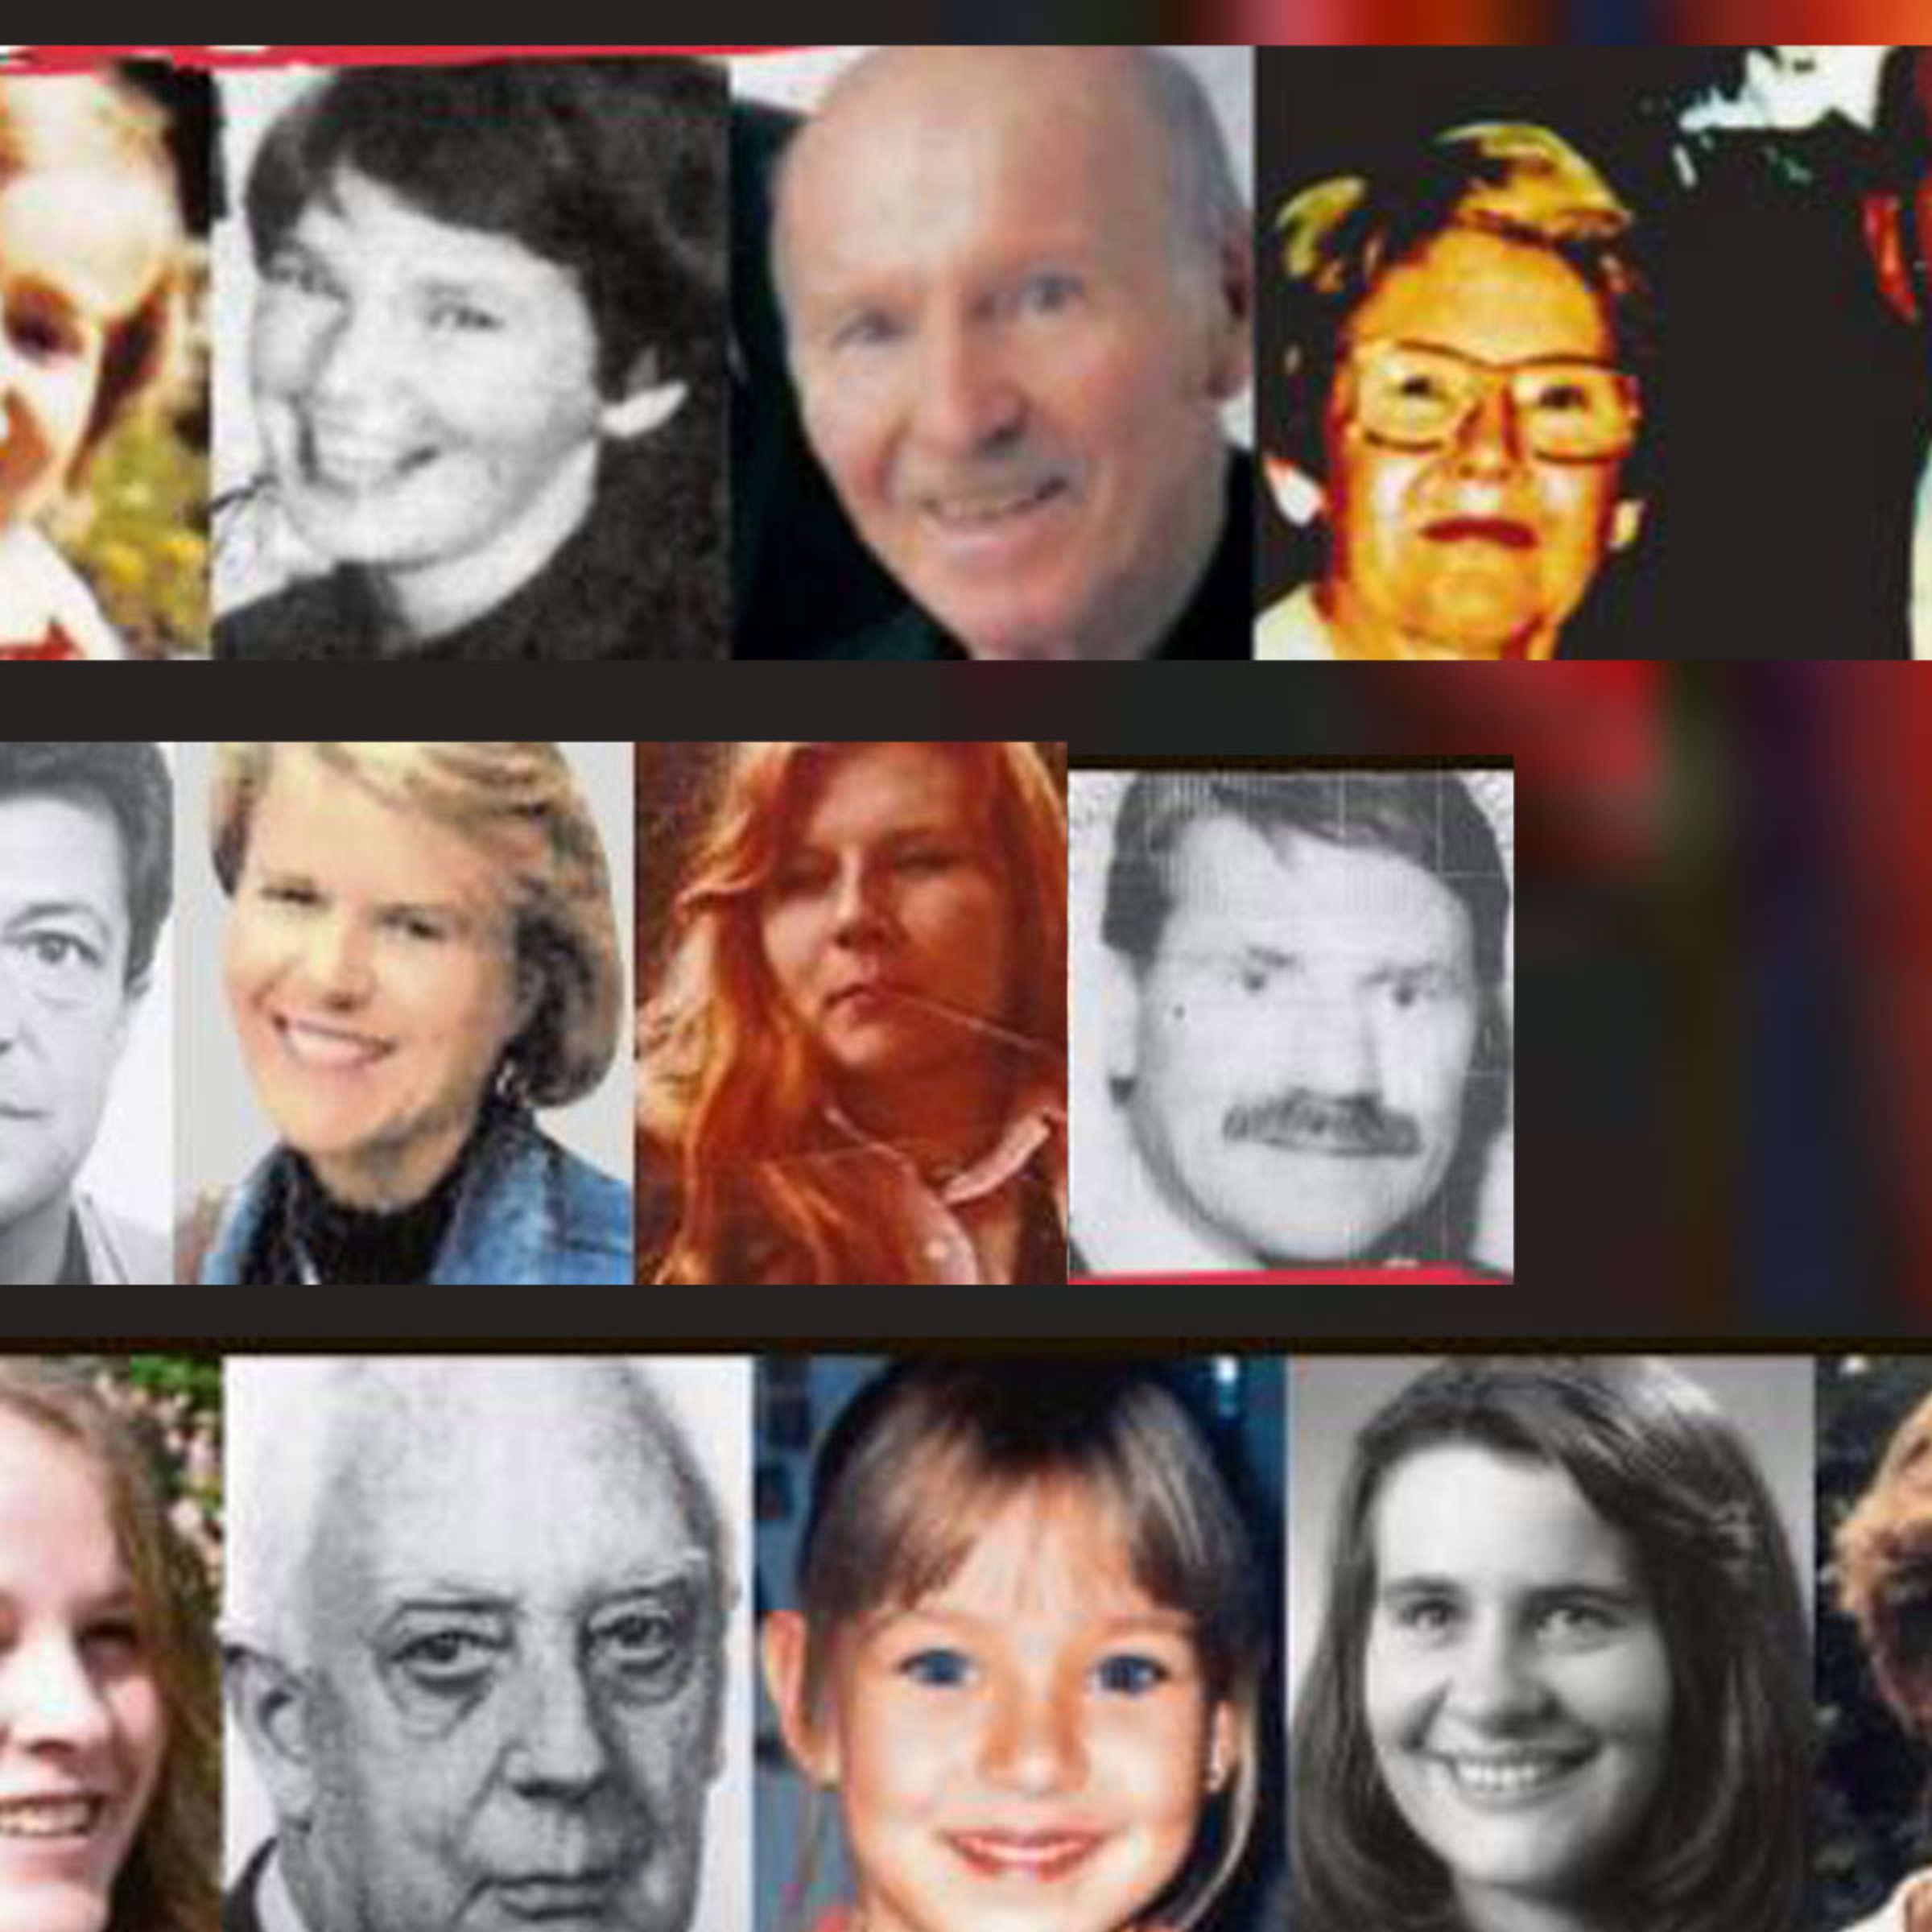 Morde anzahl deutschland der in Morde aus